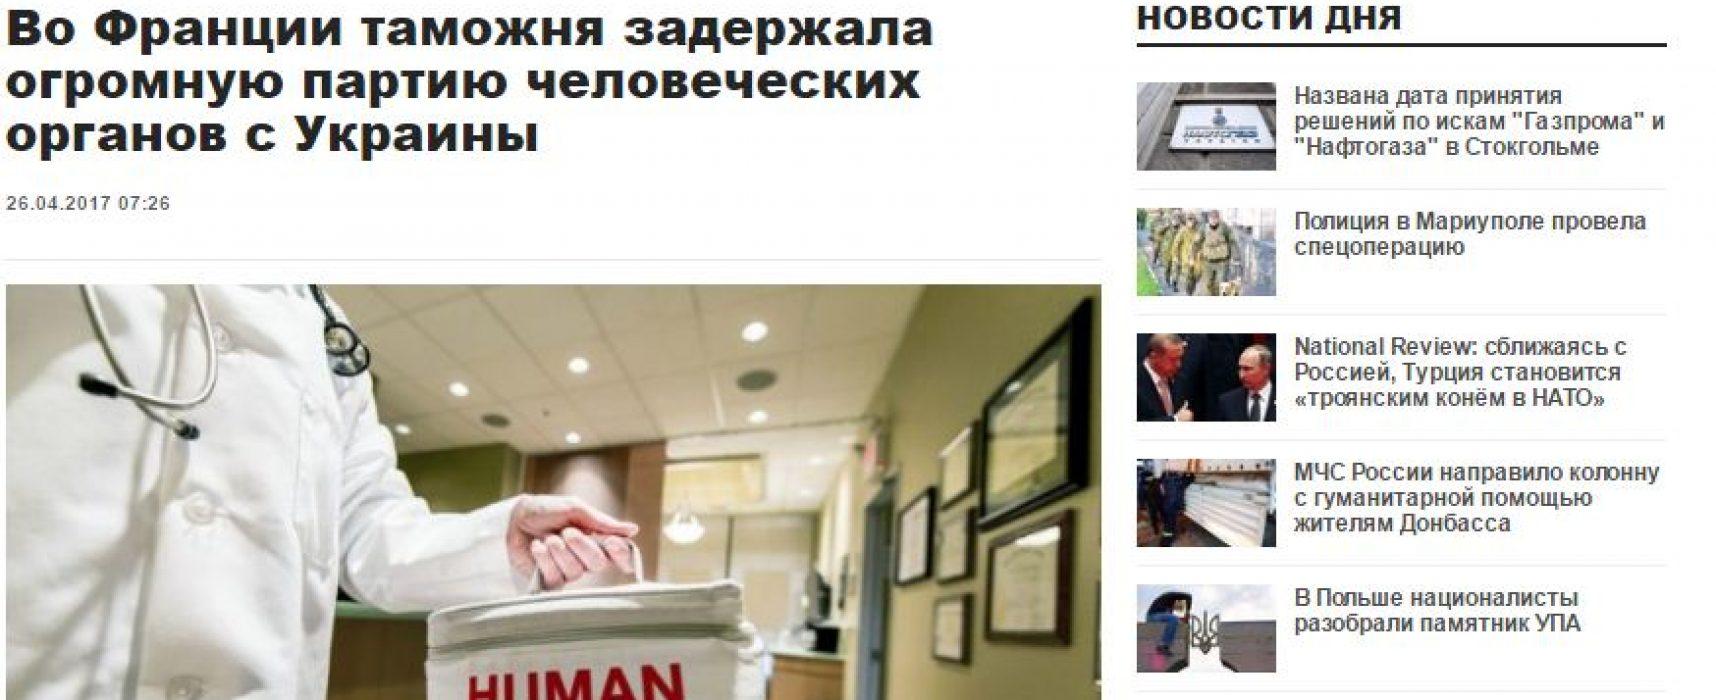 Fejk: Francuscy celnicy zatrzymali partię ludzkich organów z Ukrainy